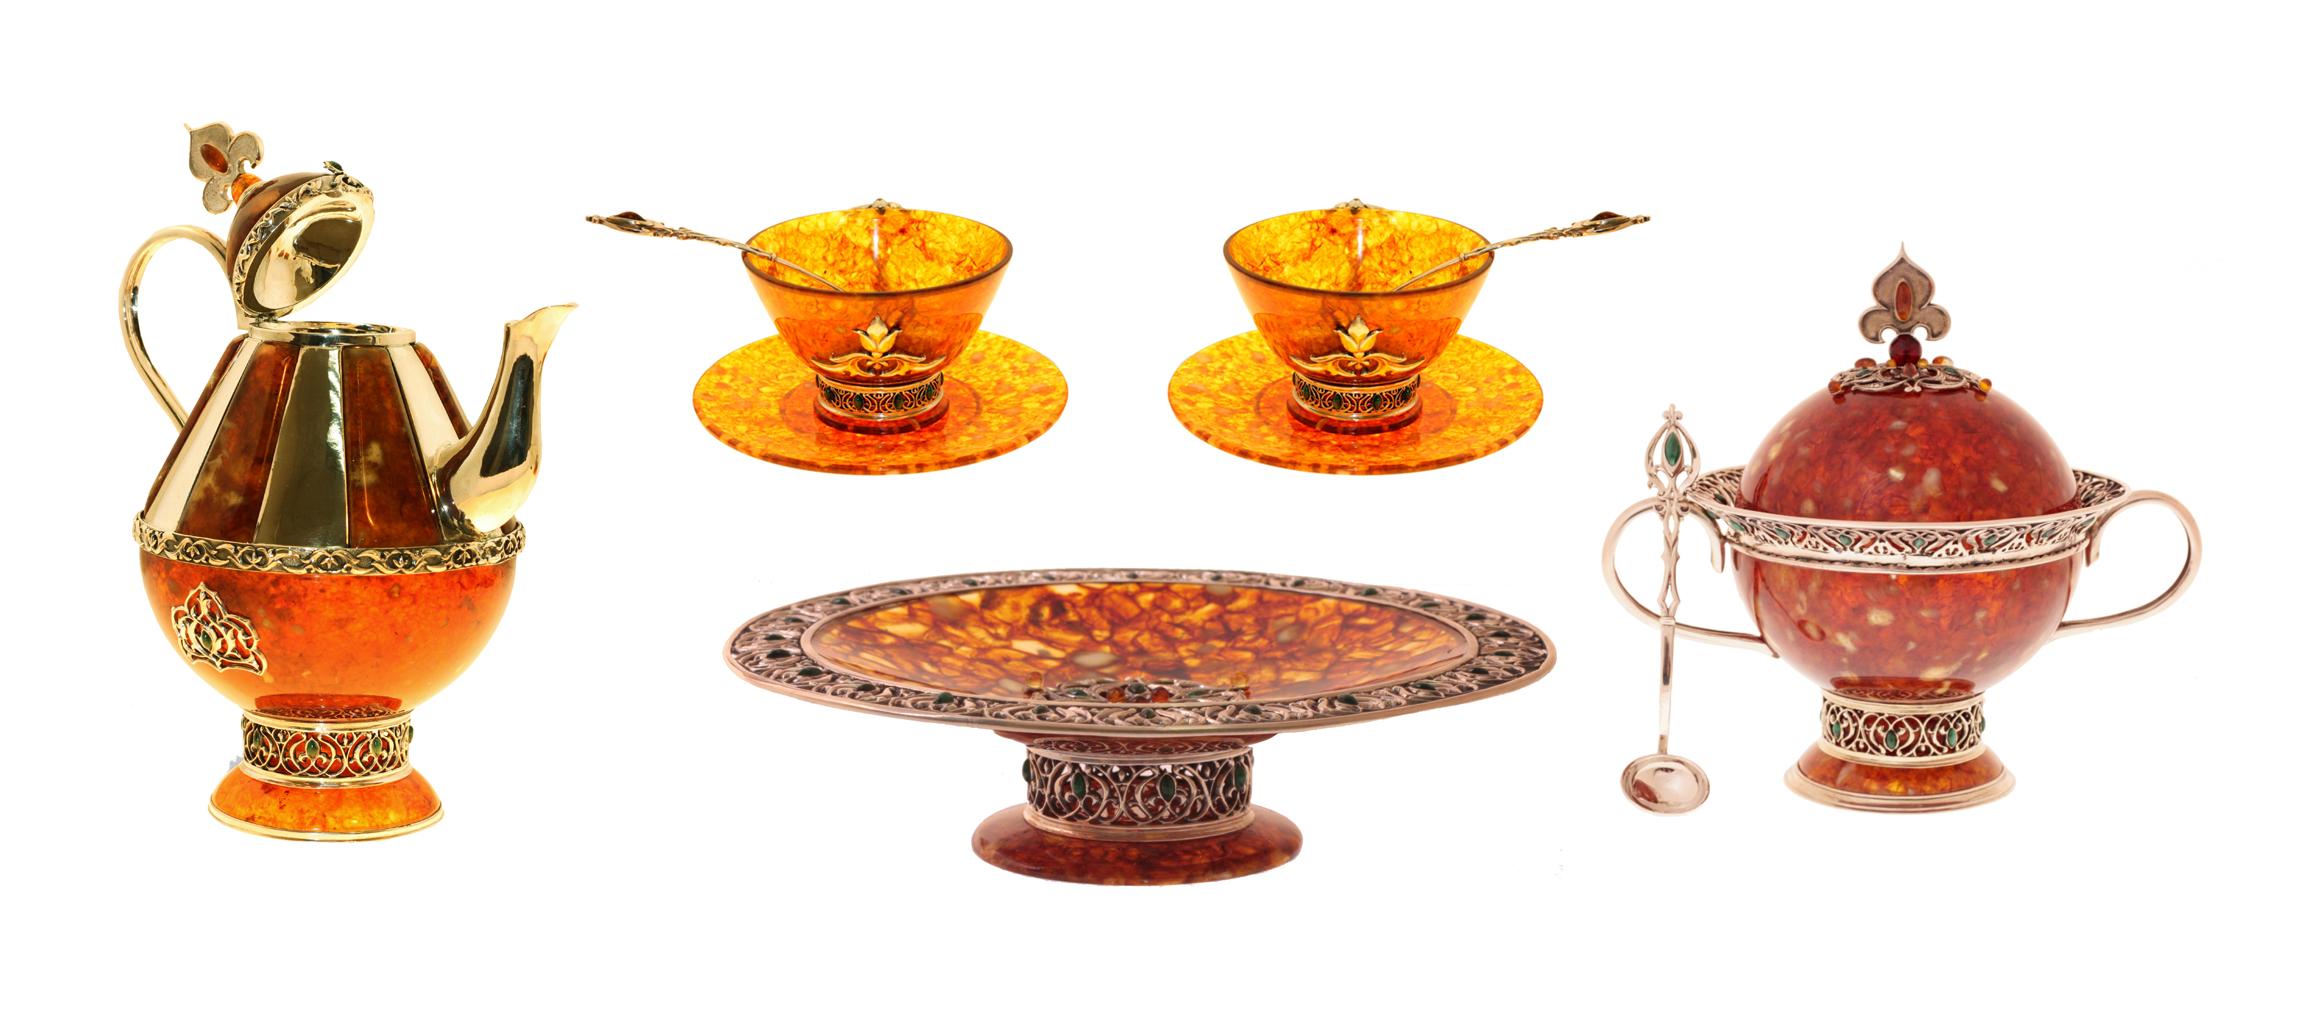 Сравнить цены и купить подарок чайный сервиз вуаль кремовая 23 предмета на 6 персон - mi2-k6981-y3_23-al midori на